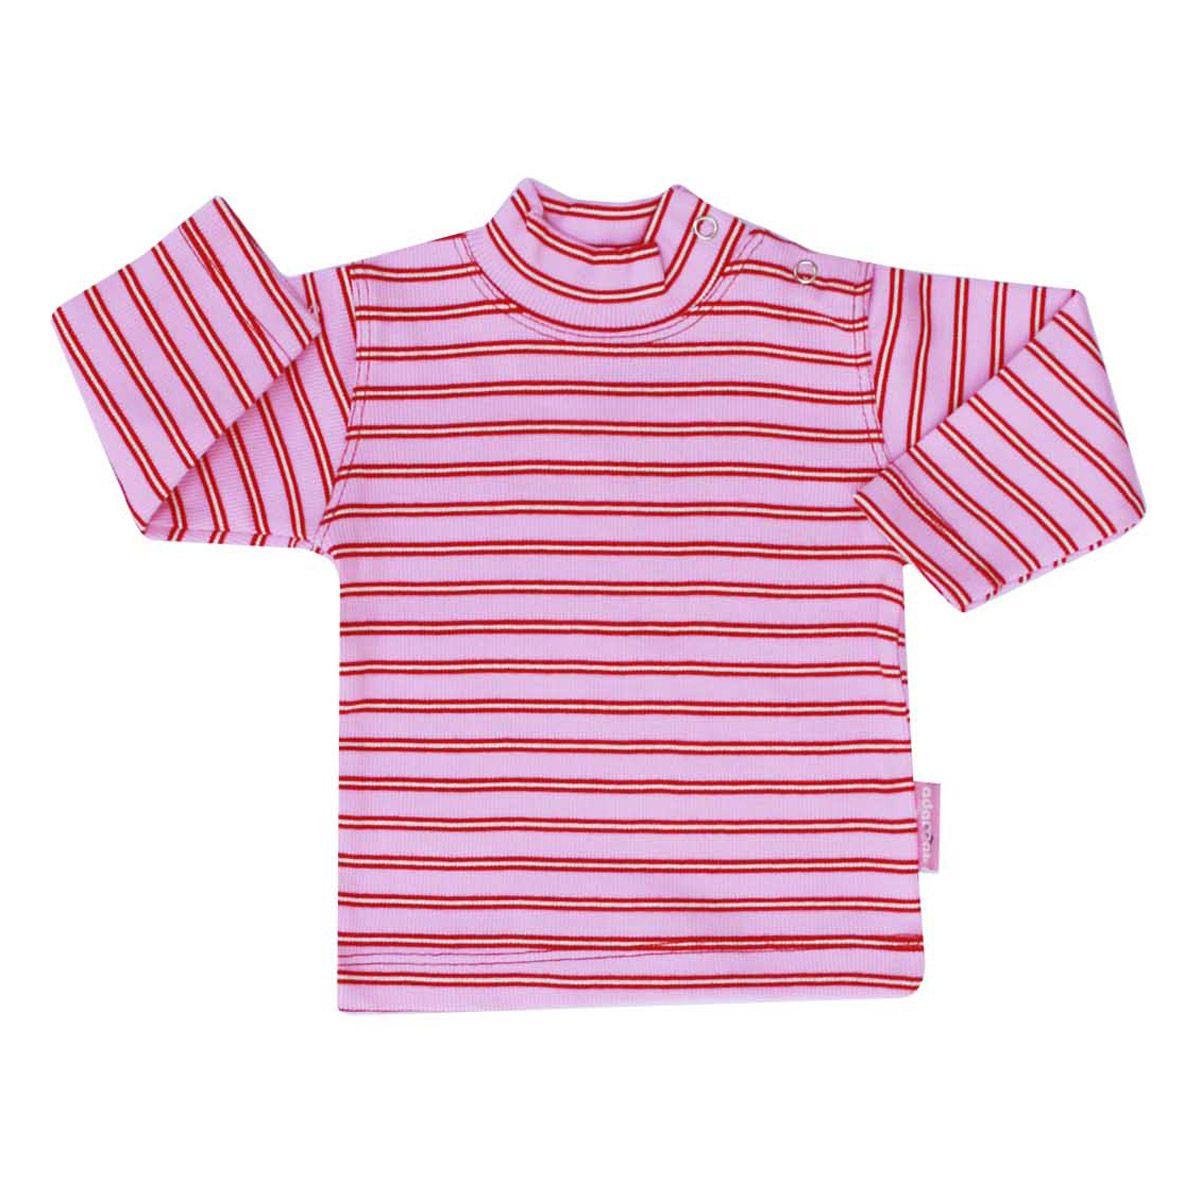 تی شرت دخترانه آدمک طرح راه راه کد 7-1443011 -  - 2